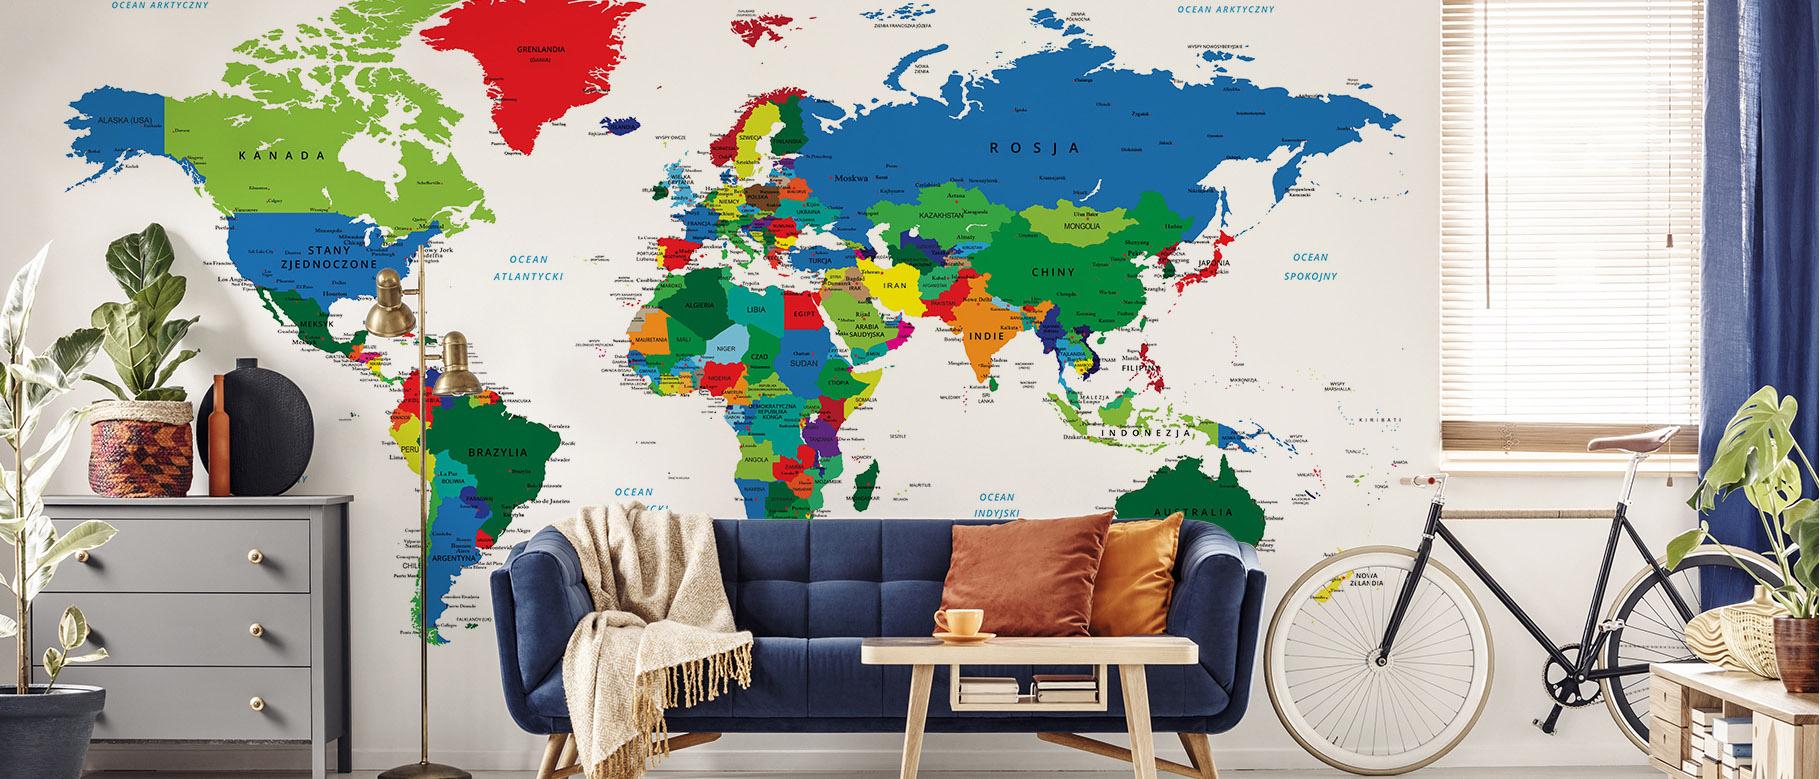 Fototapeta mapa polityczna